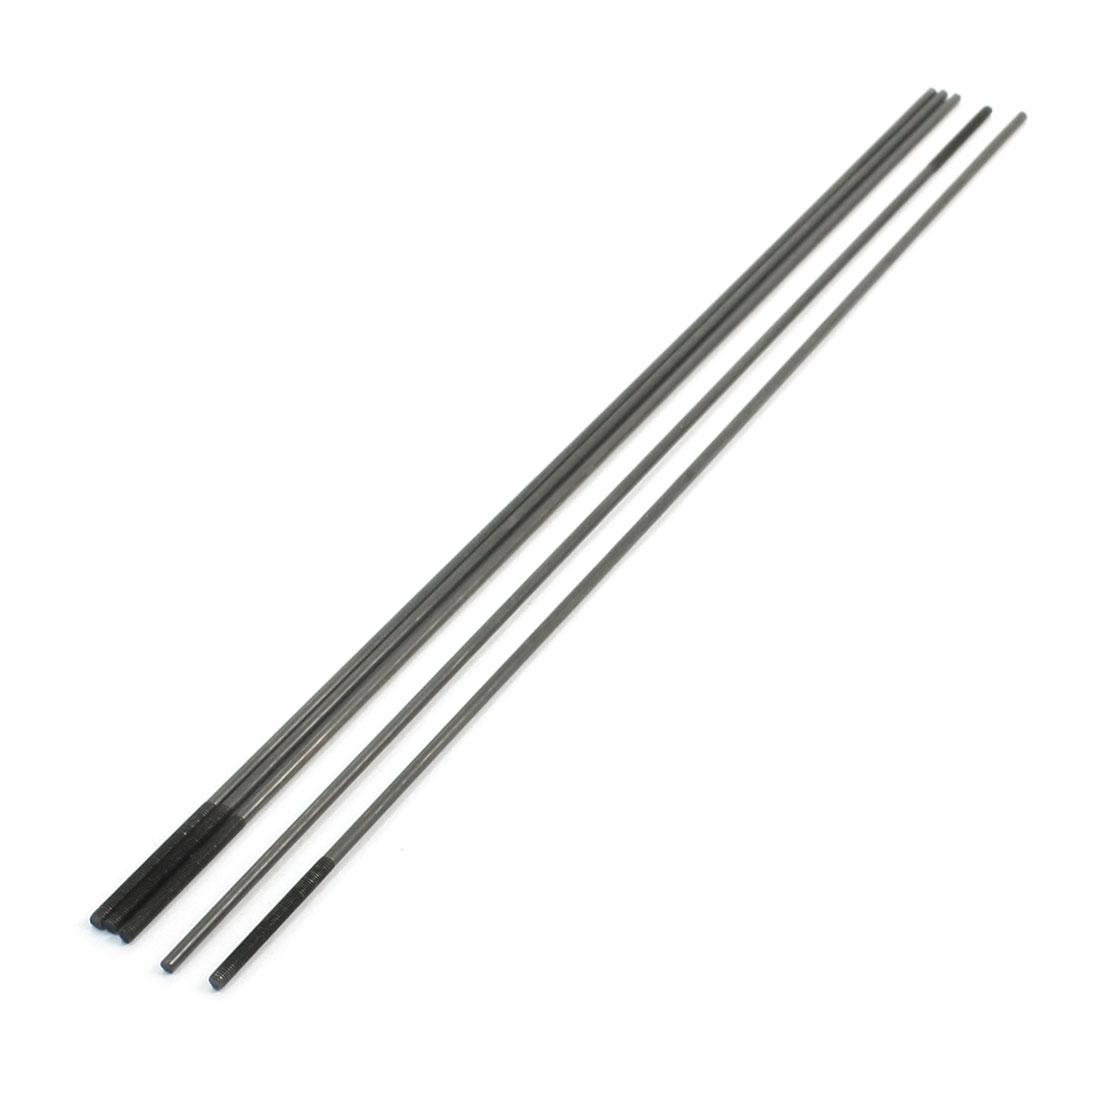 5Stück 30 x 3 mm einseitig Gewinde 30cm Lange Metall druckstäbe